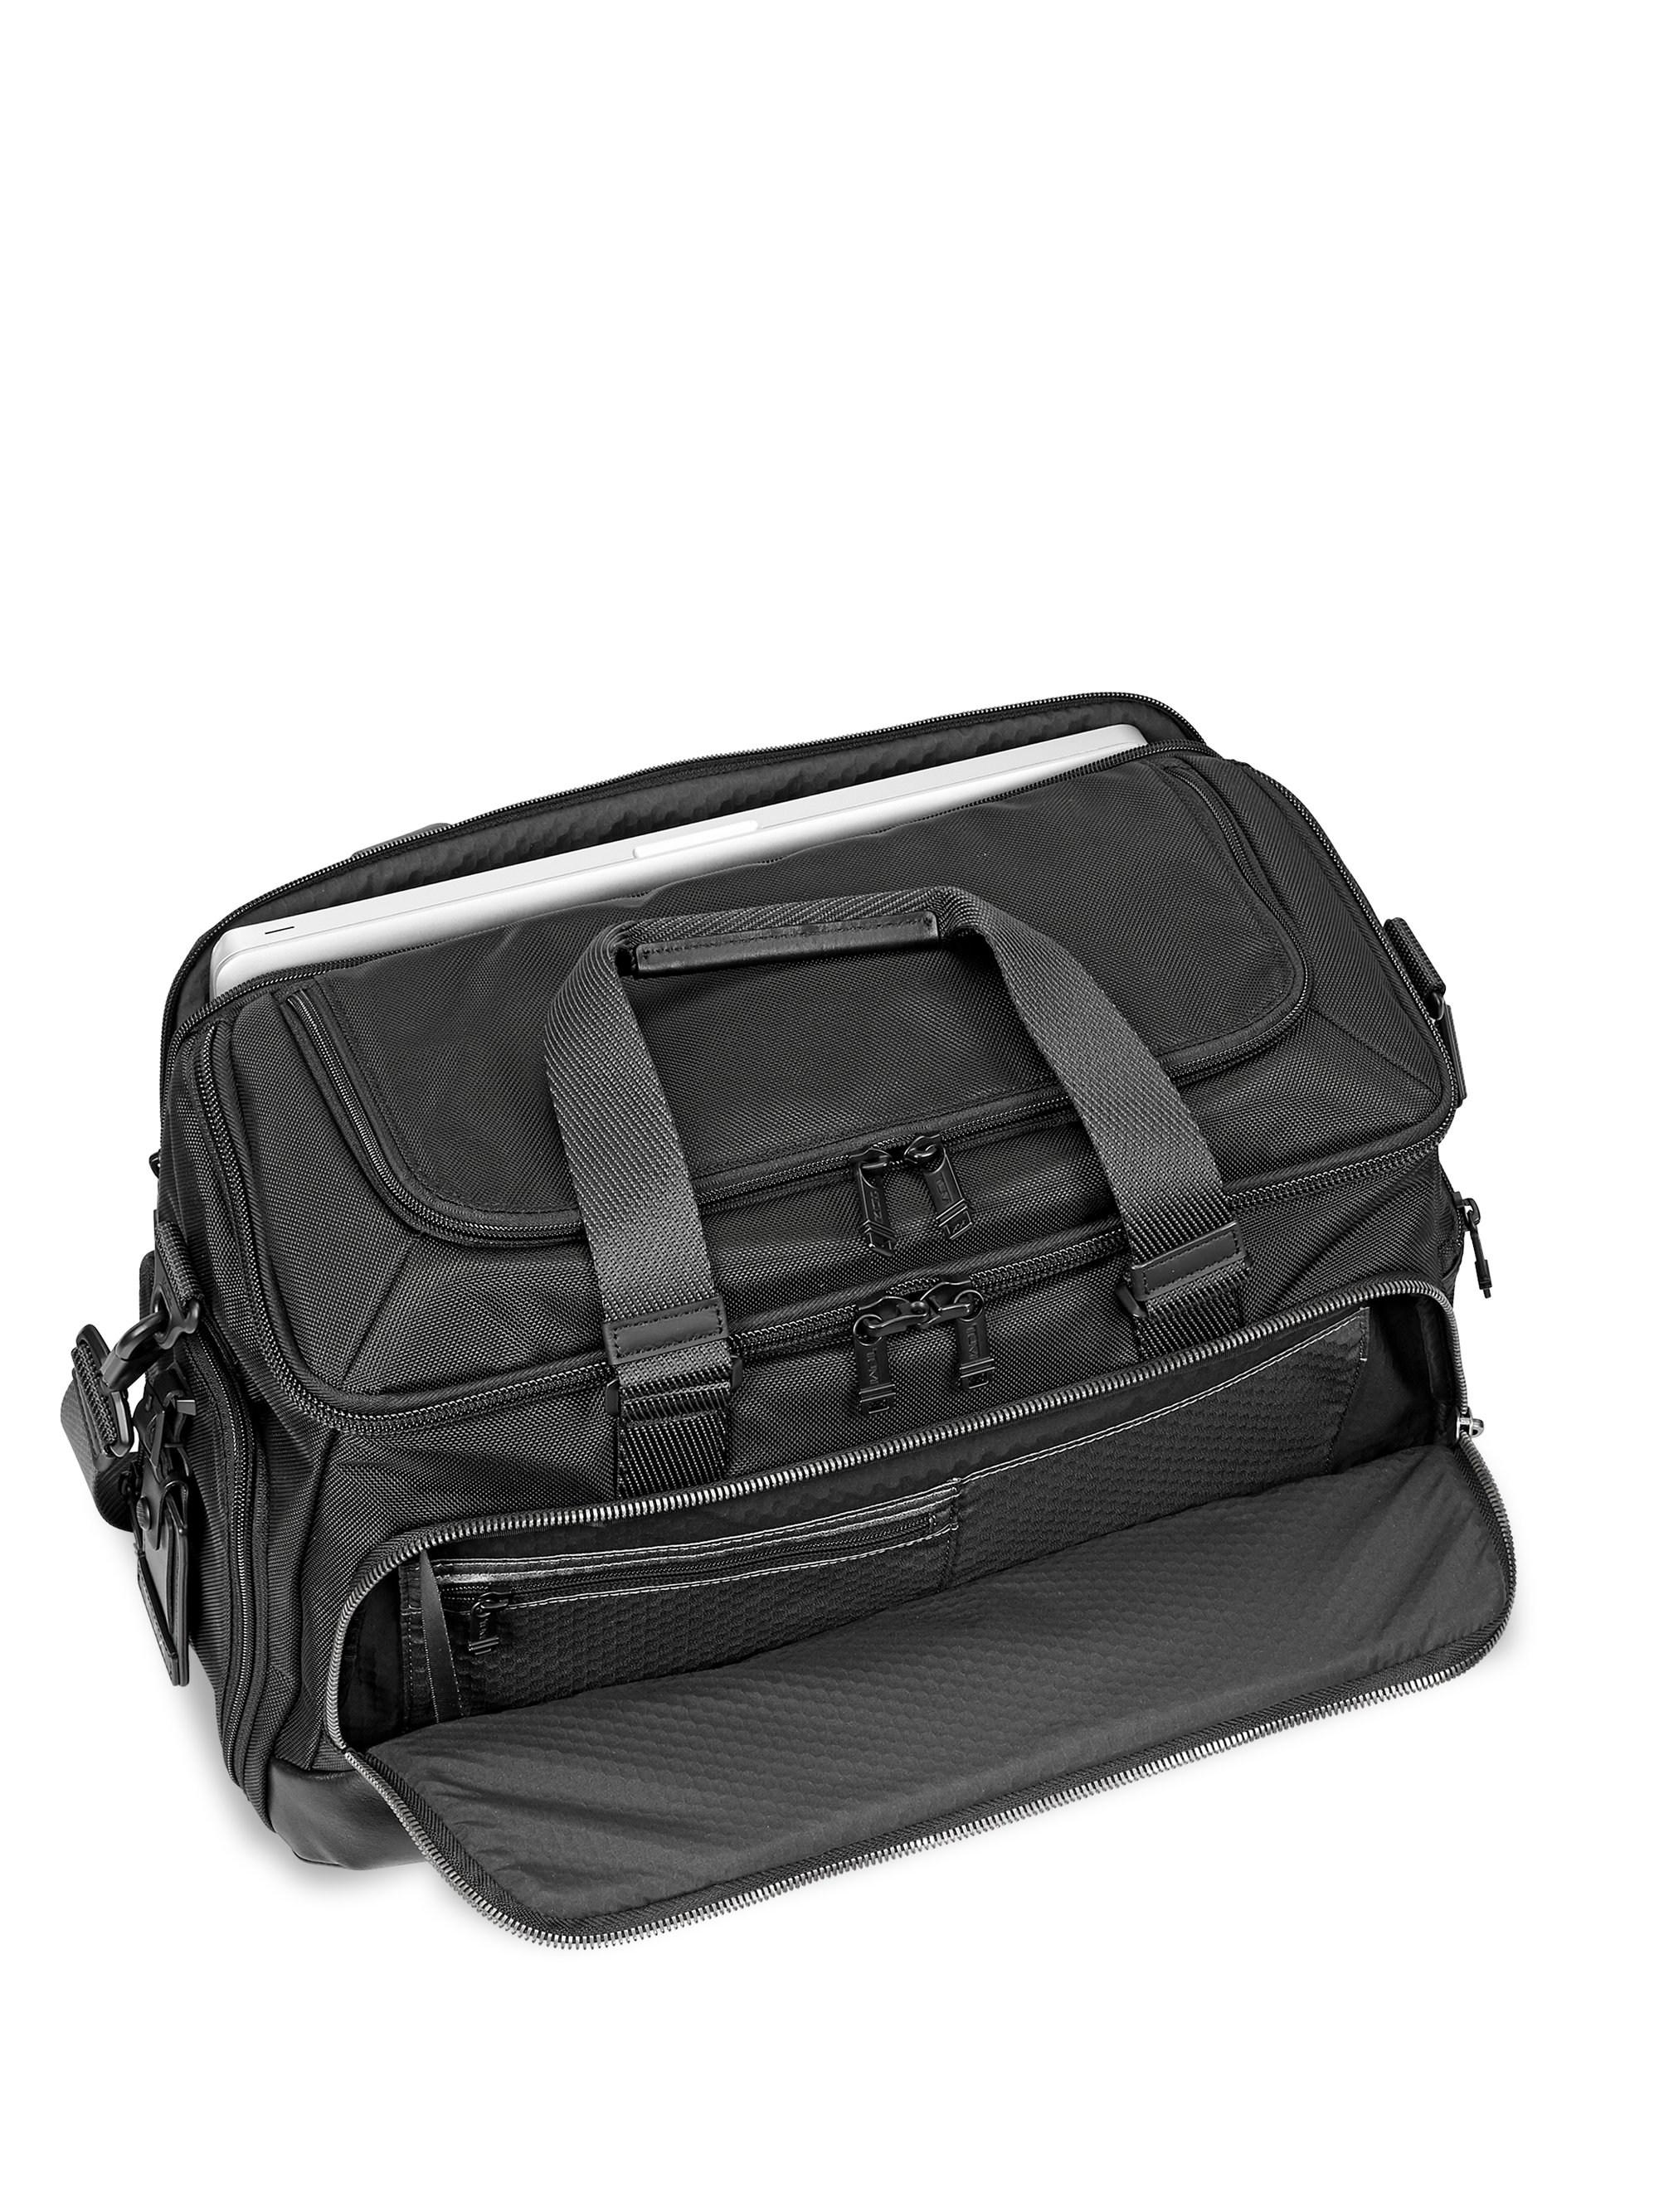 Alpha Bravo Mccoy Gym Duffel Bag